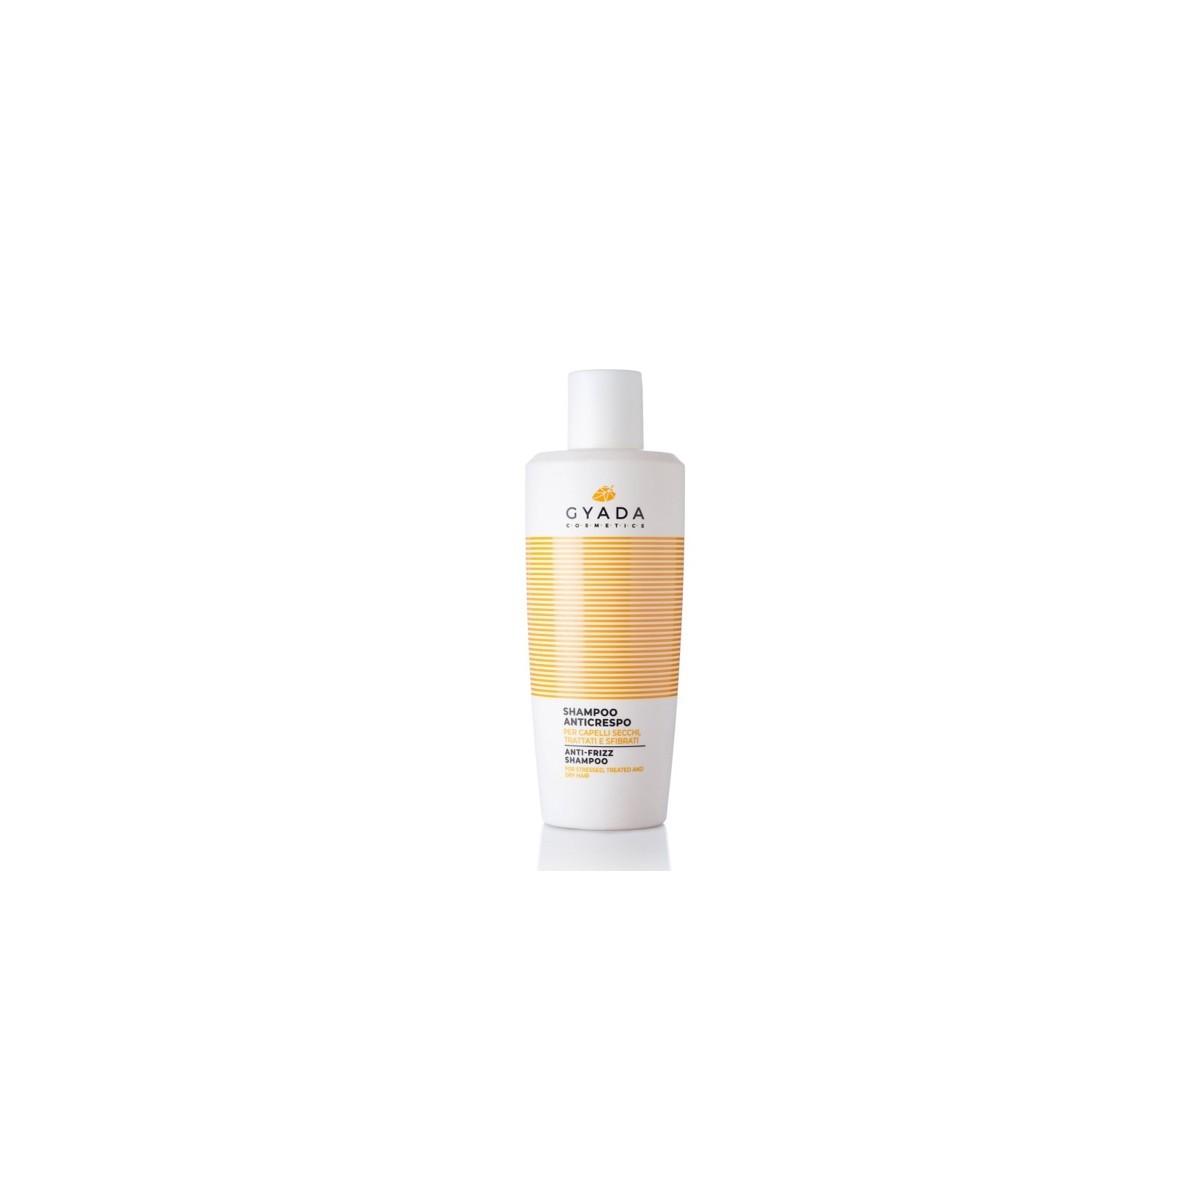 Gyada Anti-frizz Shampoo